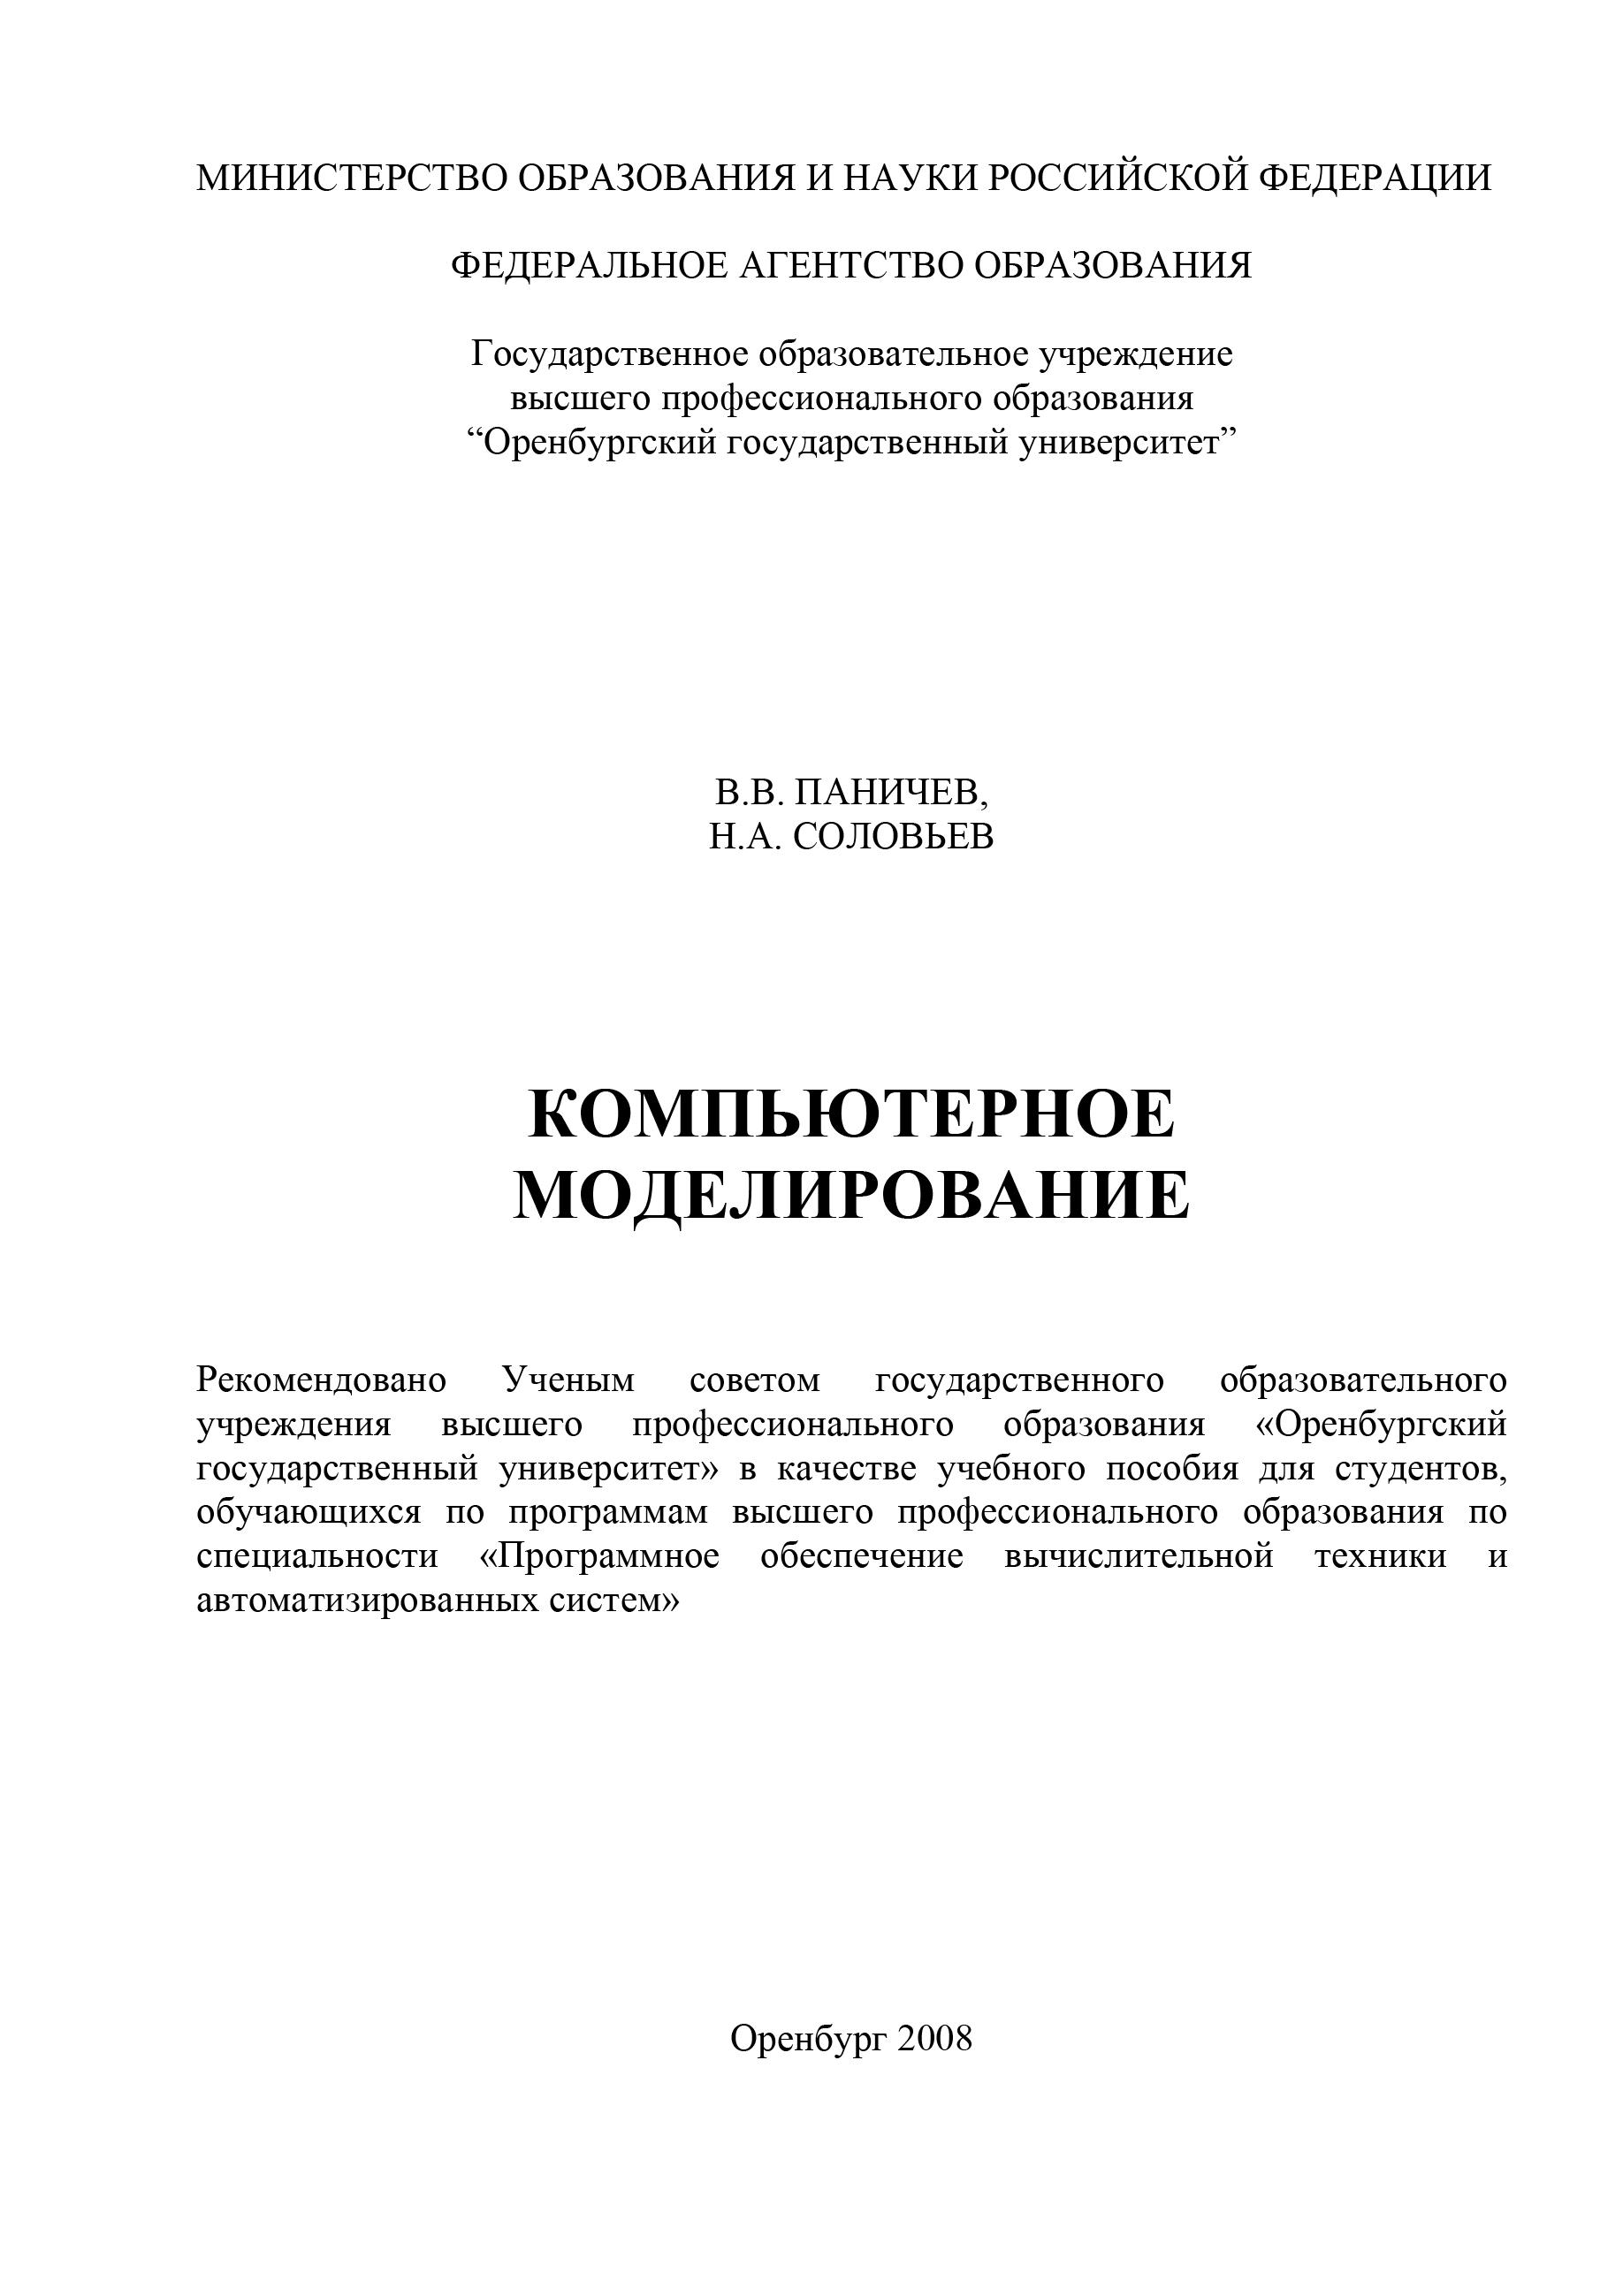 В. Паничев Компьютерное моделирование булавин л выгорницкий н лебовка н компьютерное моделирование физических систем